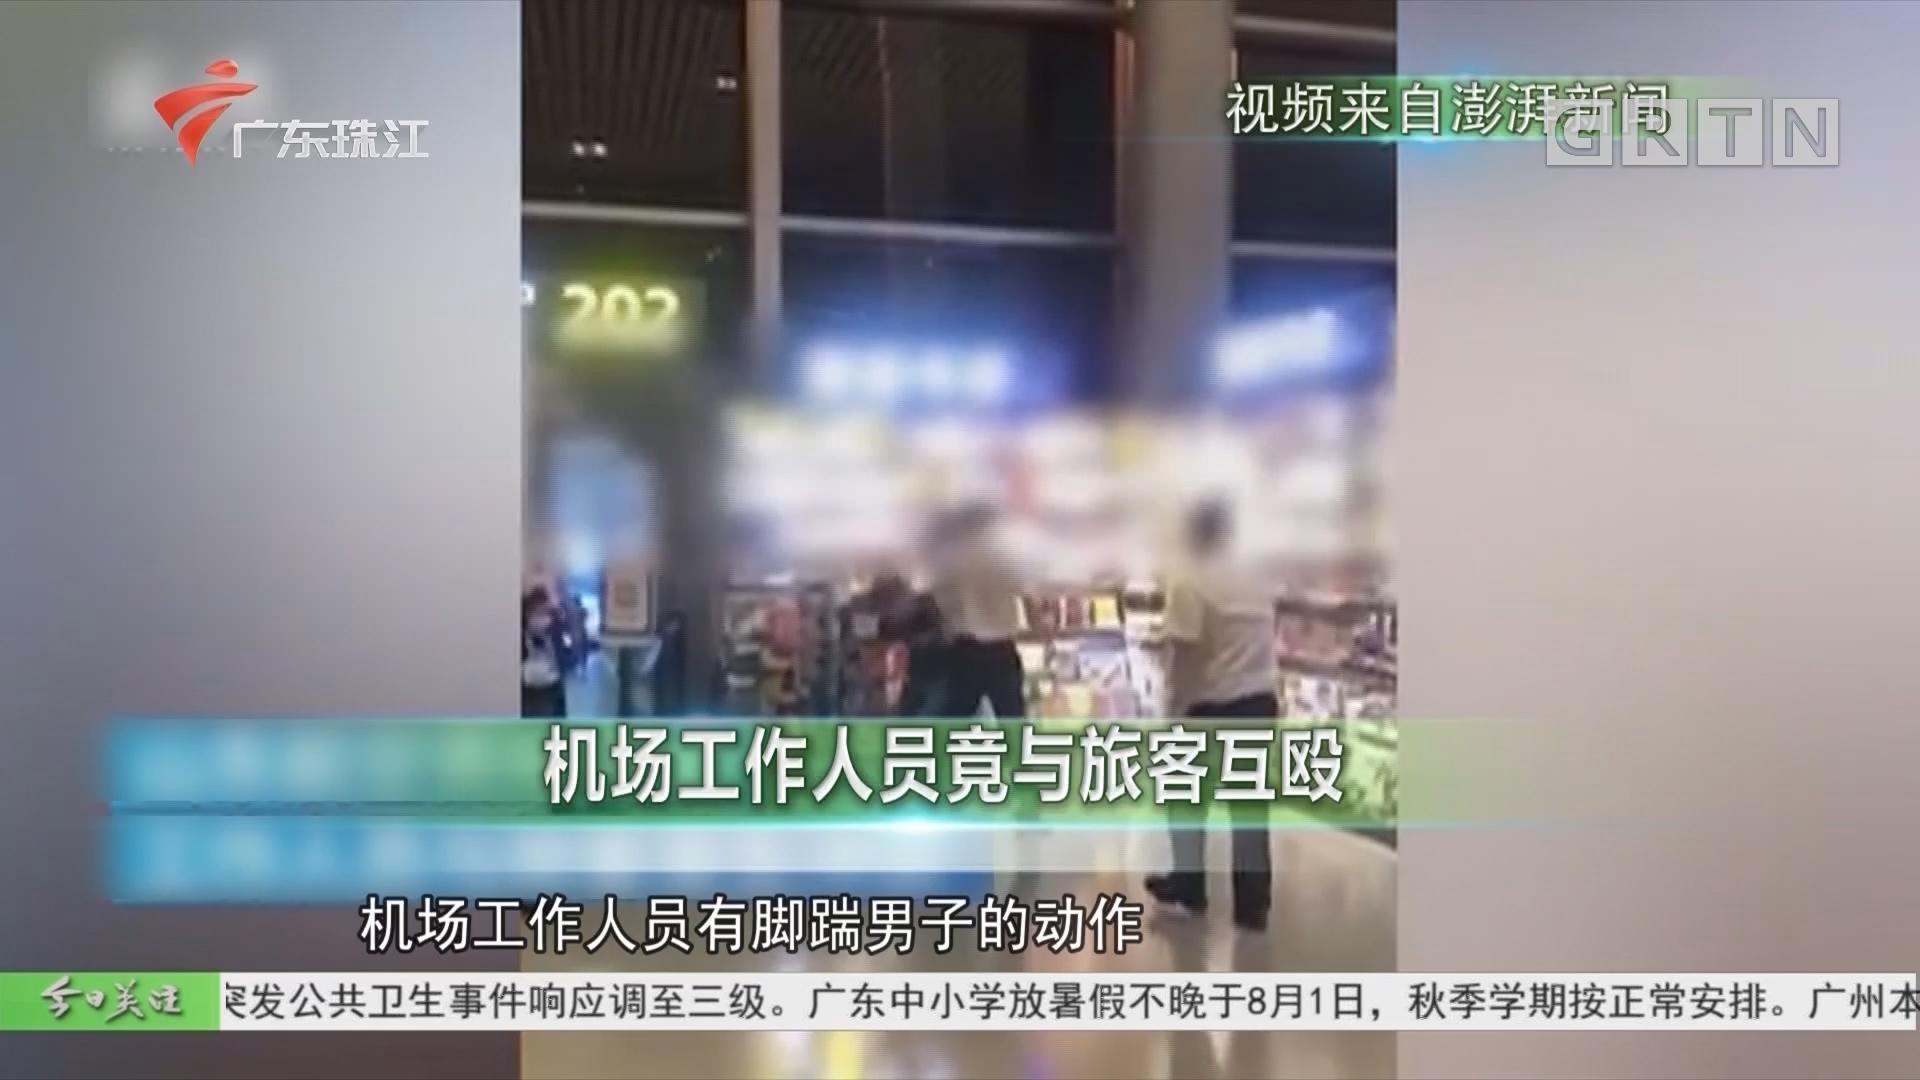 機場工作人員竟與旅客互毆